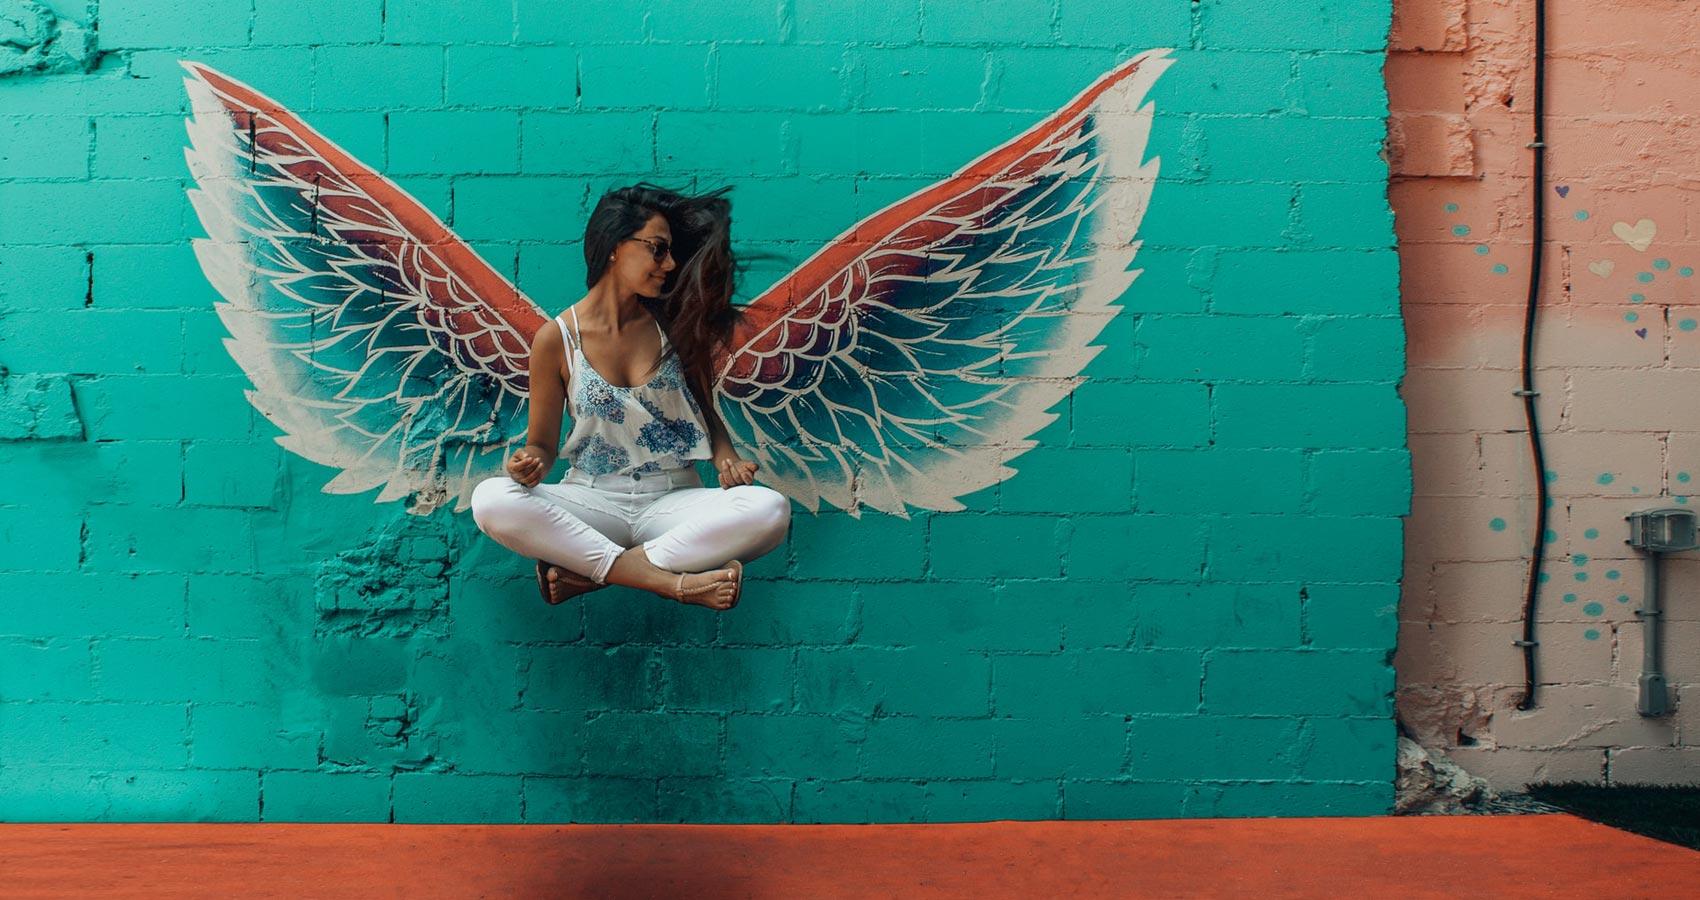 Flying Again, a poem by Anggun Alfarisi at Spillwords.com